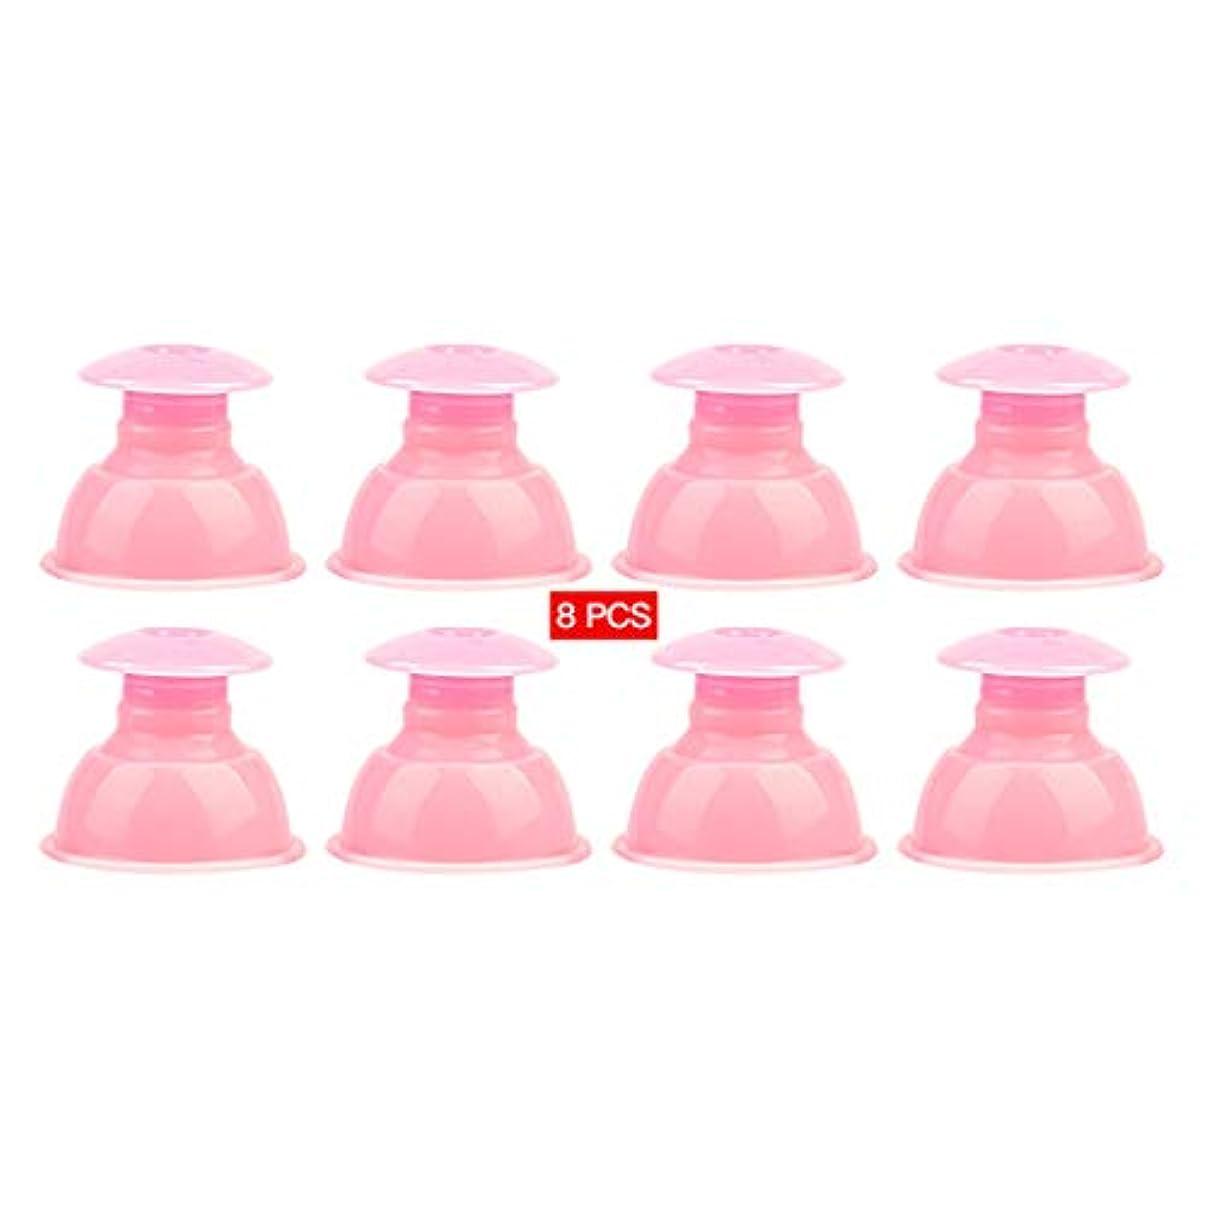 見て補体倍増吸い玉 カッピング シリコン製 水洗いOK 繰り返し使える 55×35×48mm 8個セット ピンク